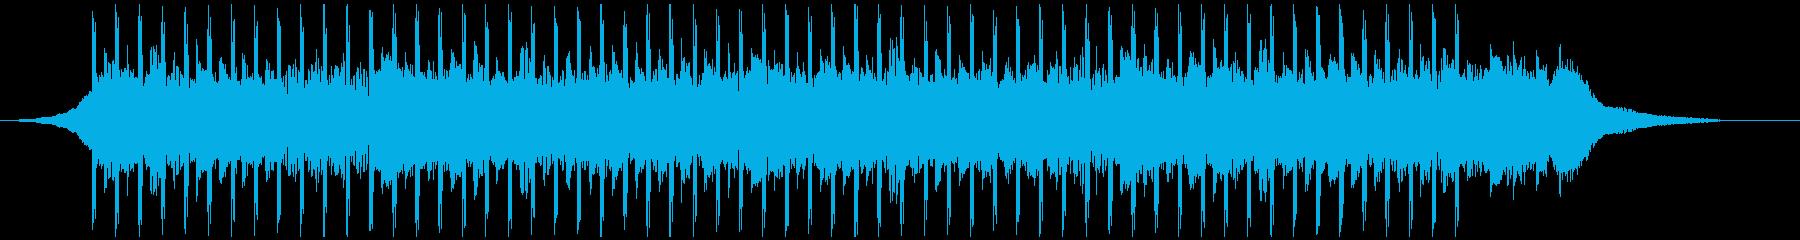 コーポレートビデオ(ショート)の再生済みの波形